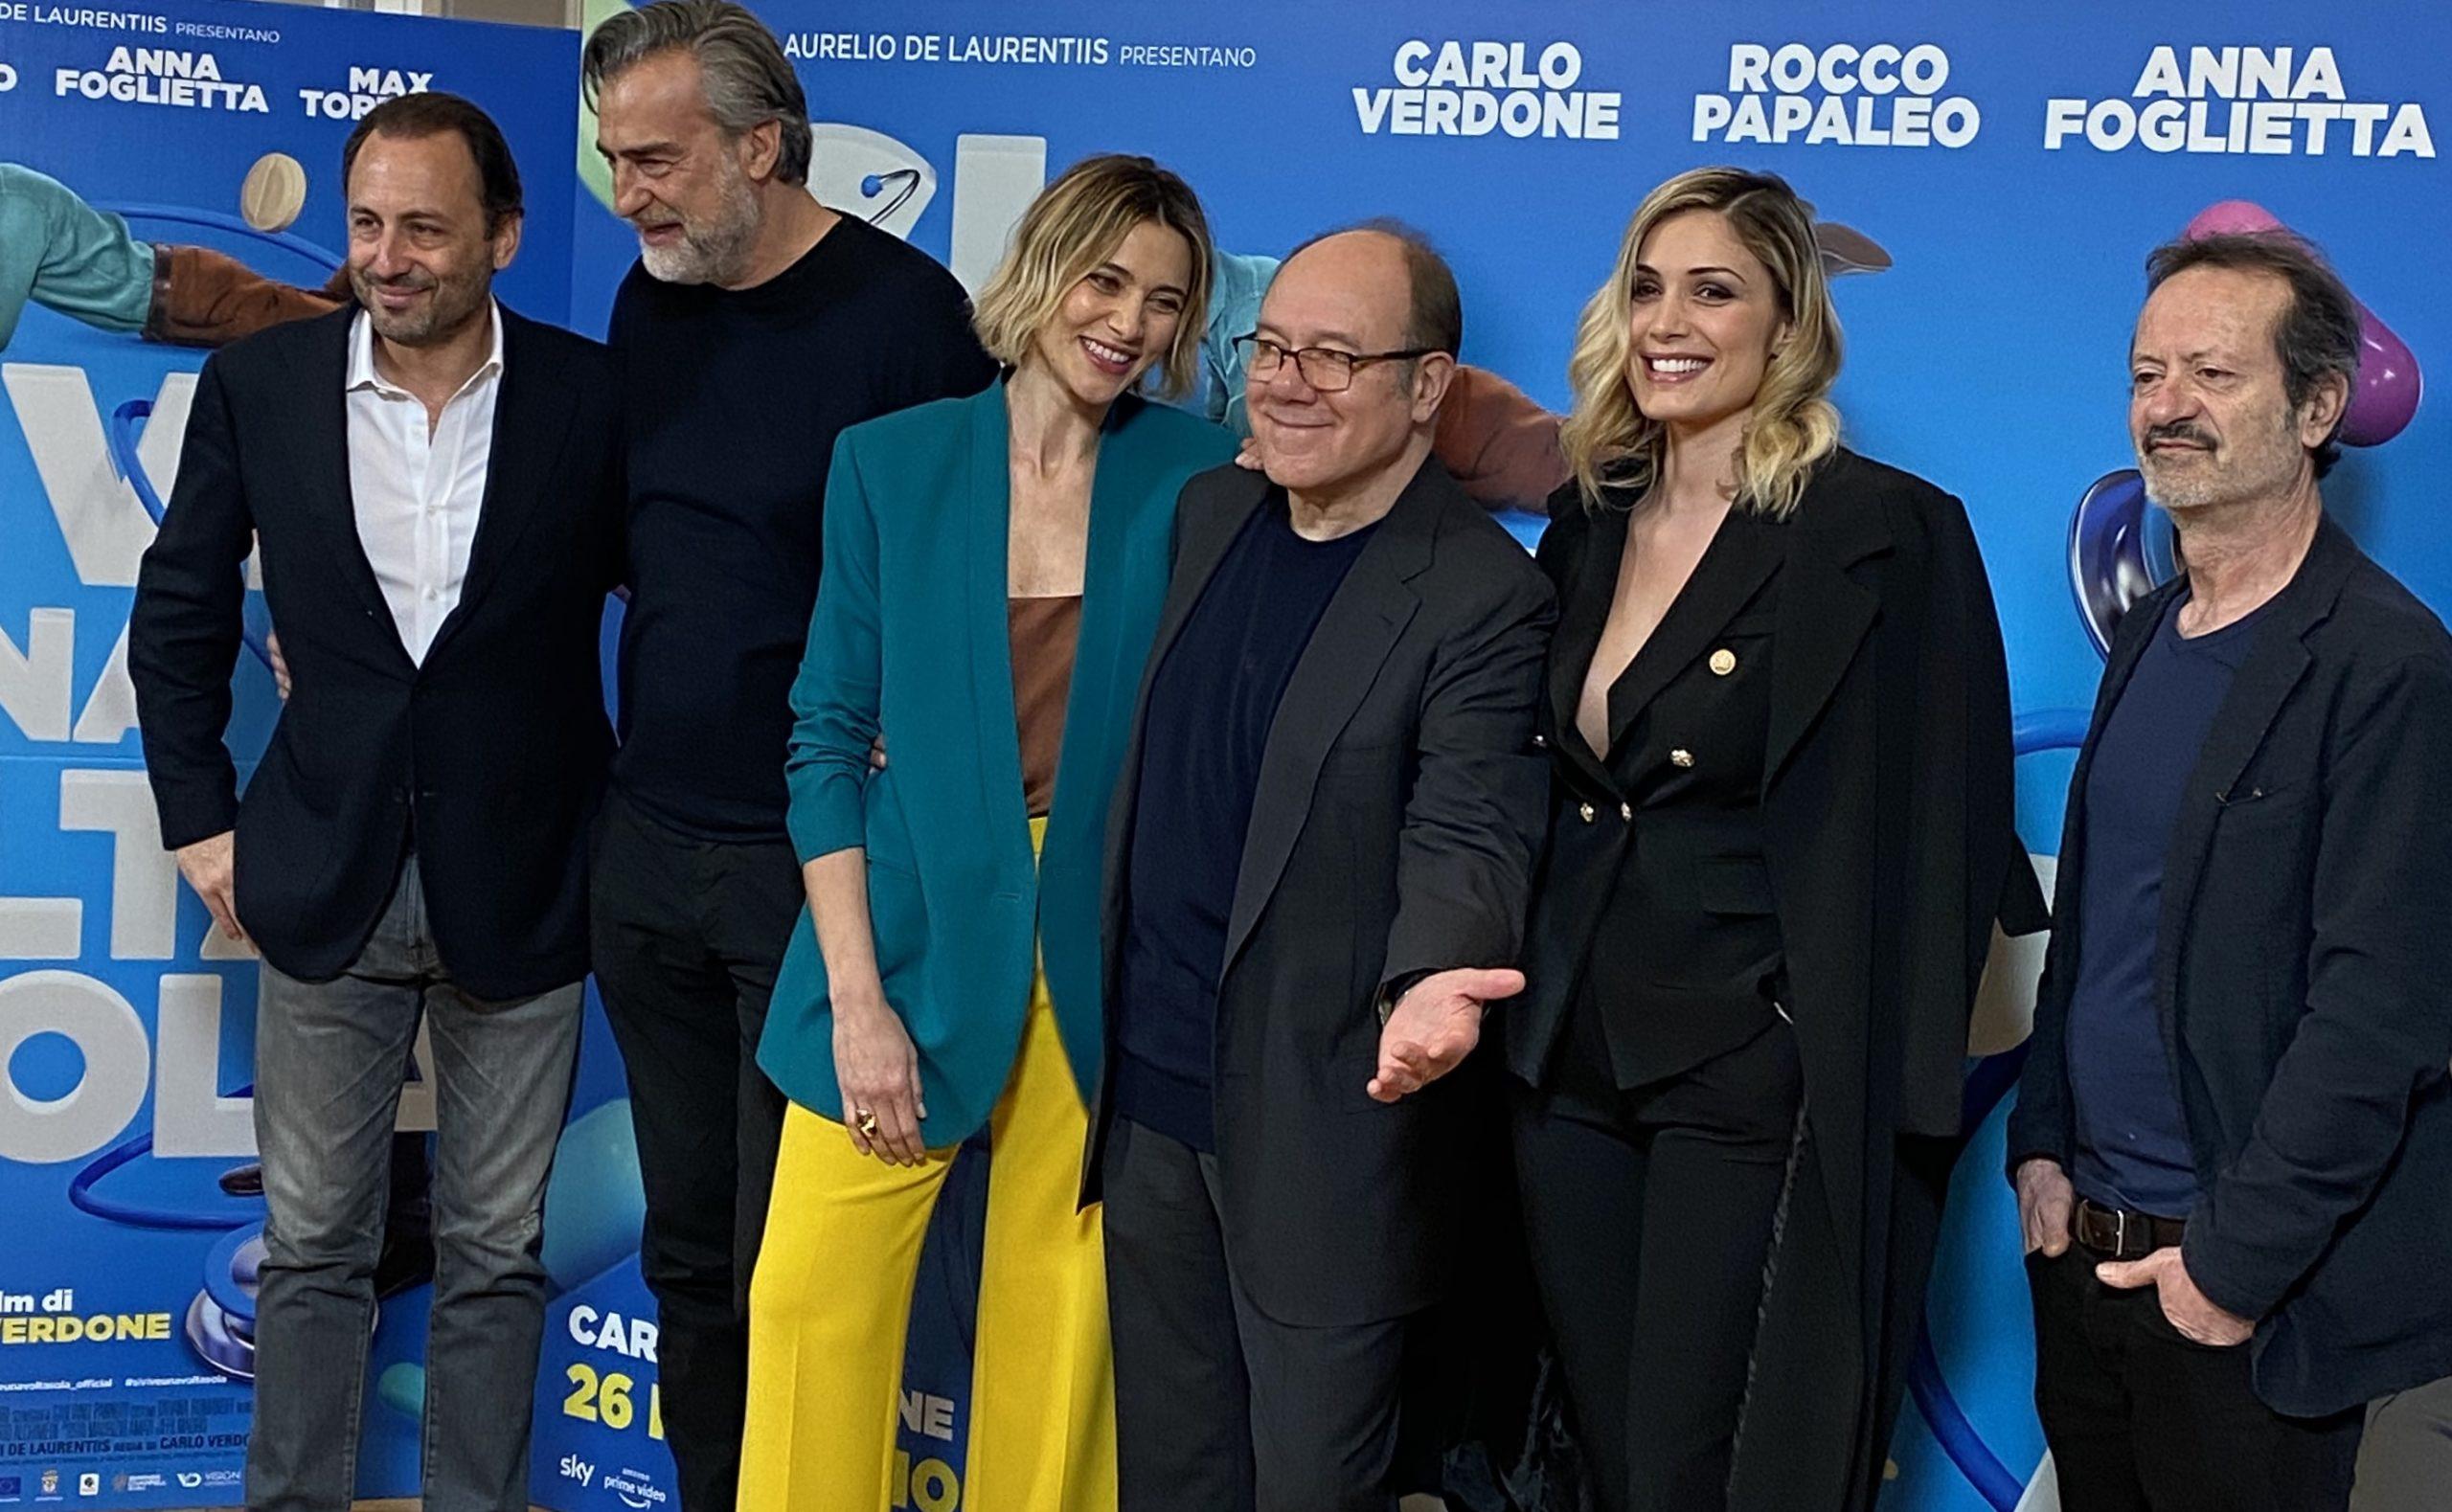 'Si vive una volta sola', il nuovo film di Carlo Verdone